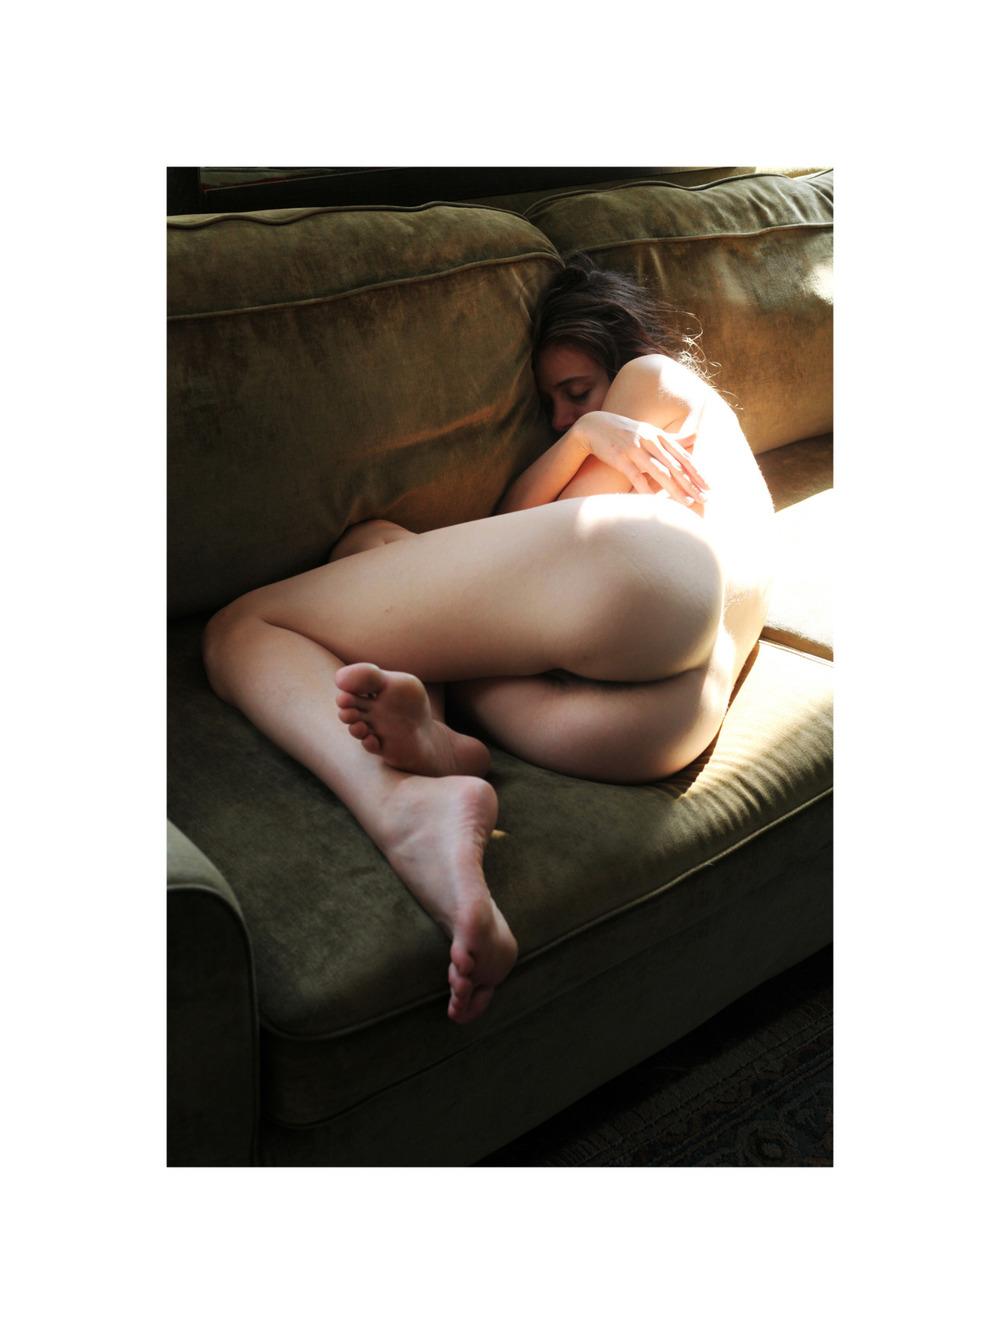 Ashley_Maclean-02.jpg